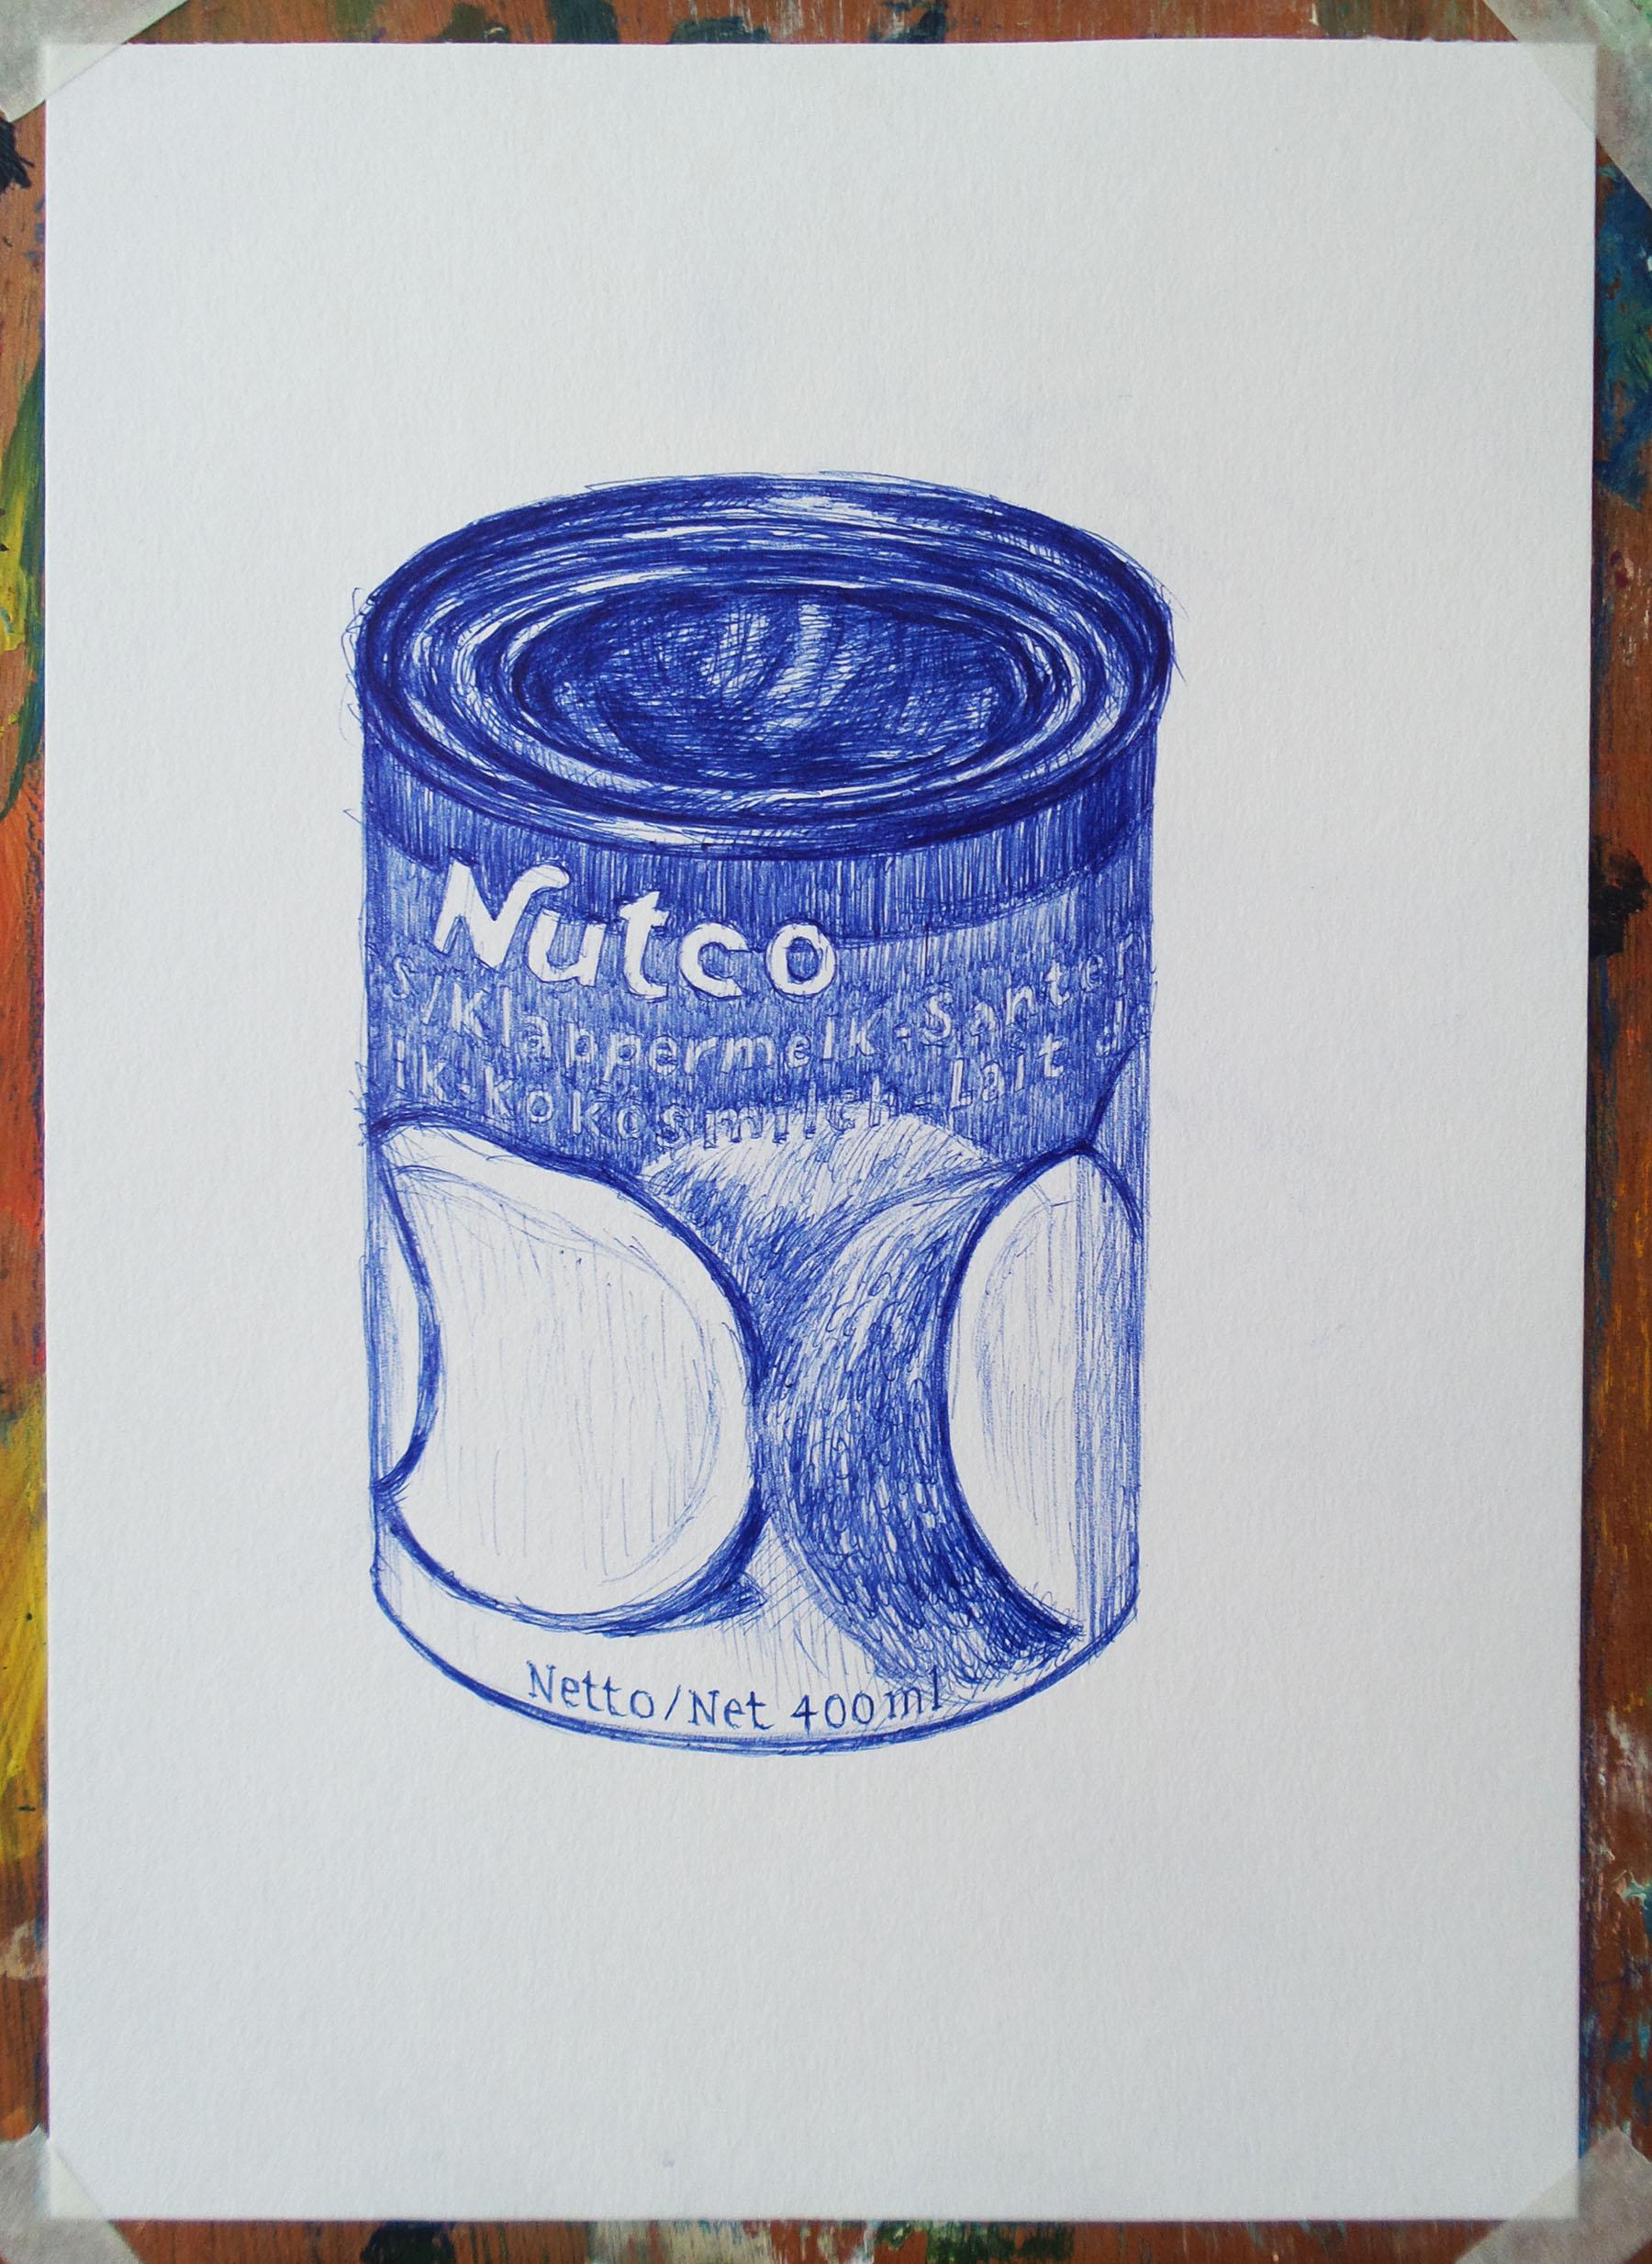 tekening met balpen van blik cocosnootmelk drawing with ballpoint of a can of coconutmilk